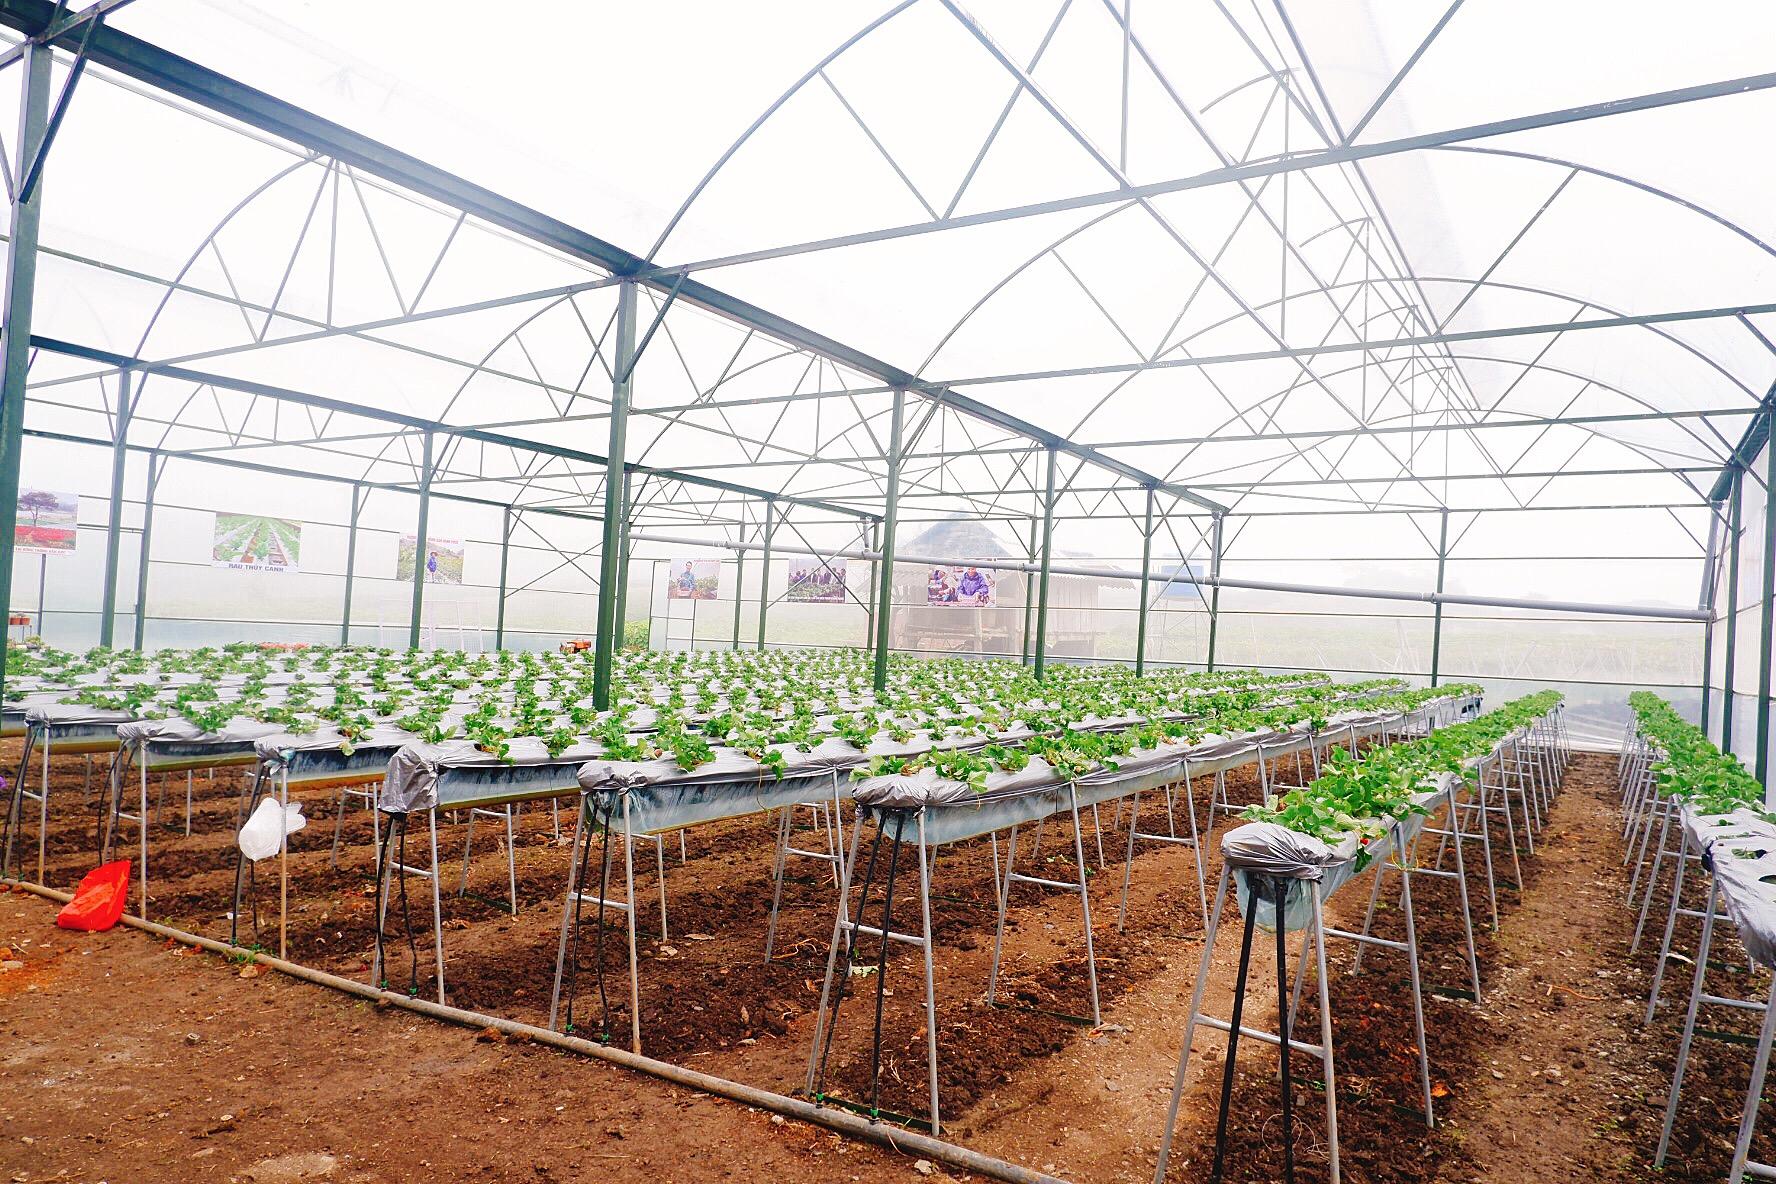 Dâu tây trồng trong nhà kính của Chimi Farm 2